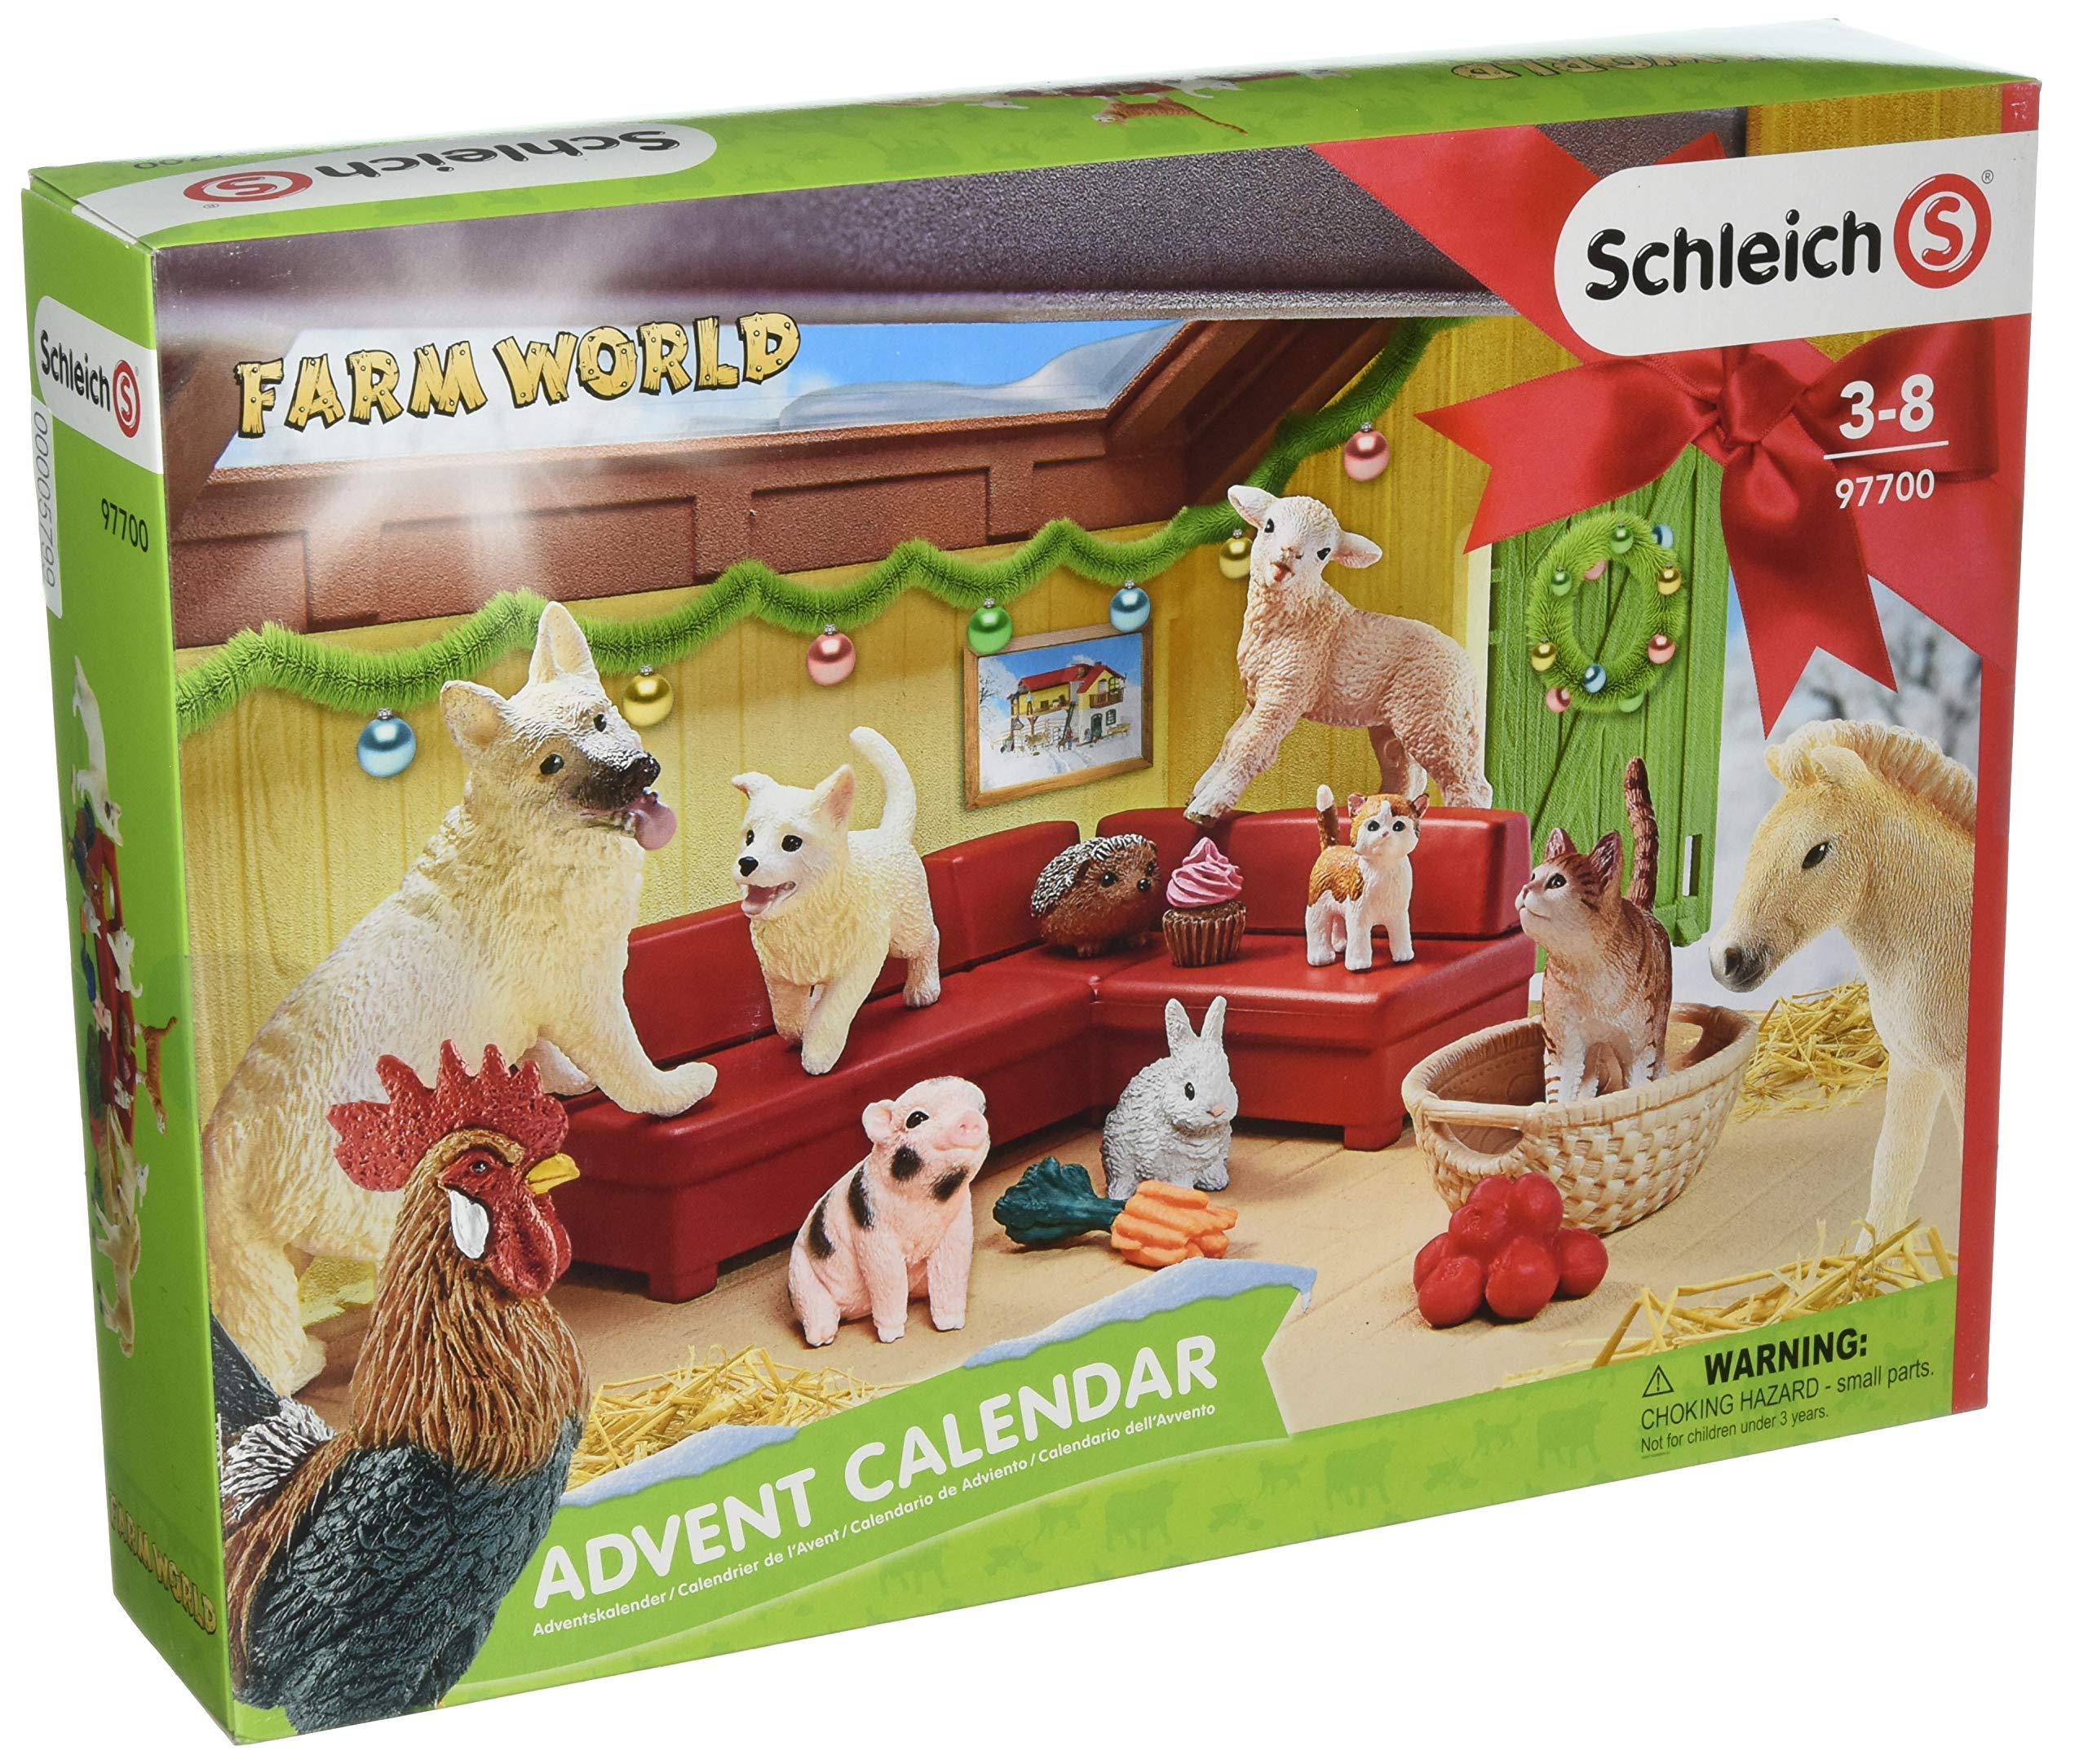 Schleich Farm World Advent Calendar by Schleich